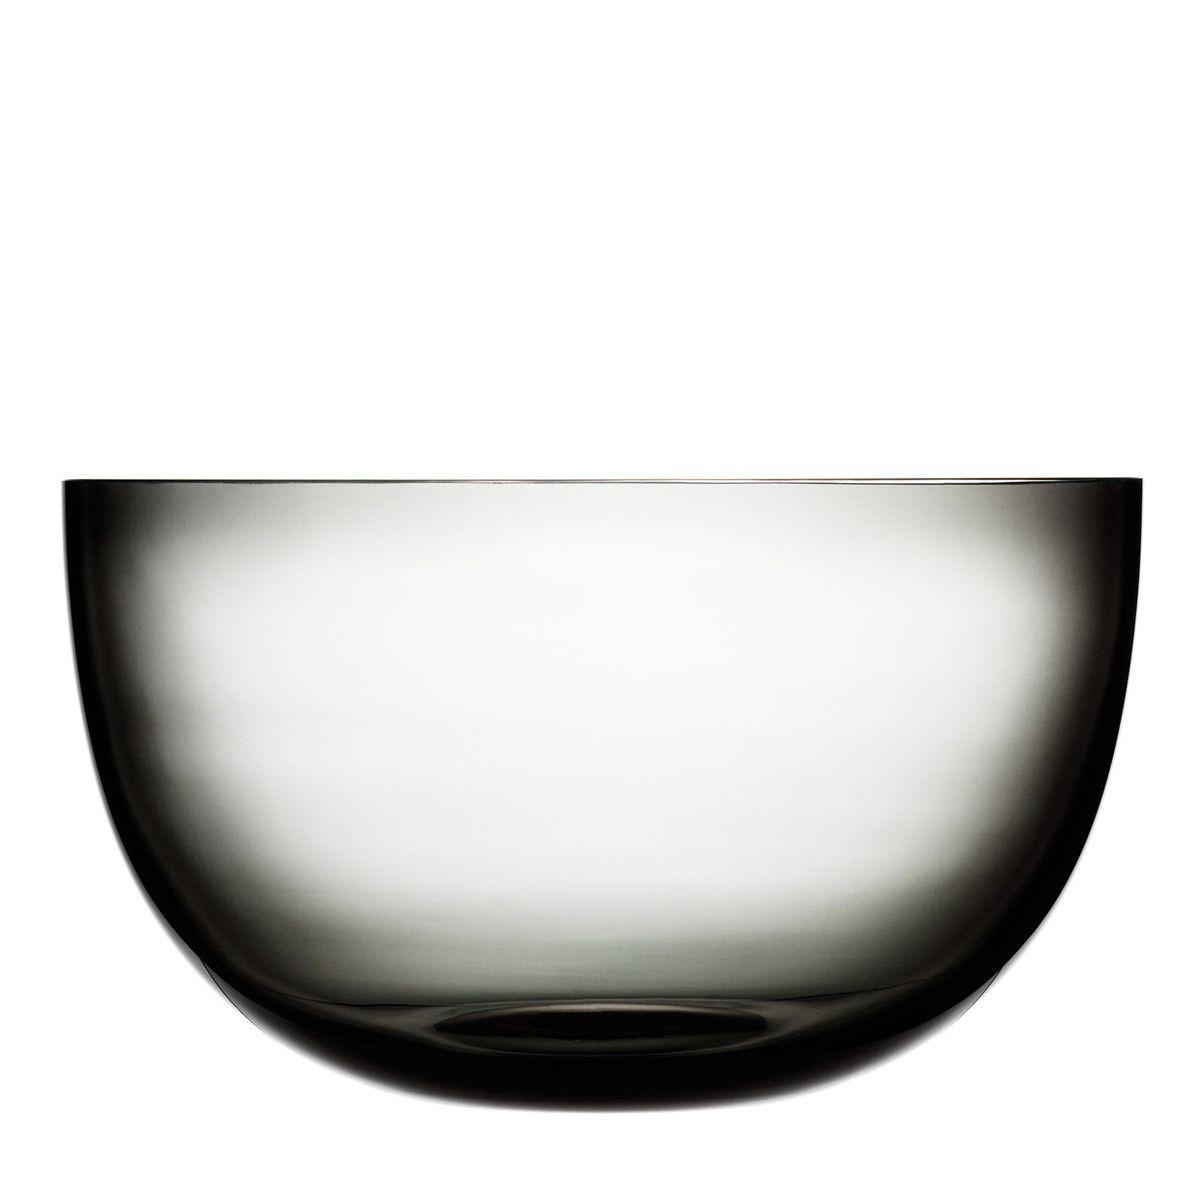 eu.Fab.com | Simplicity Bowl Smoke